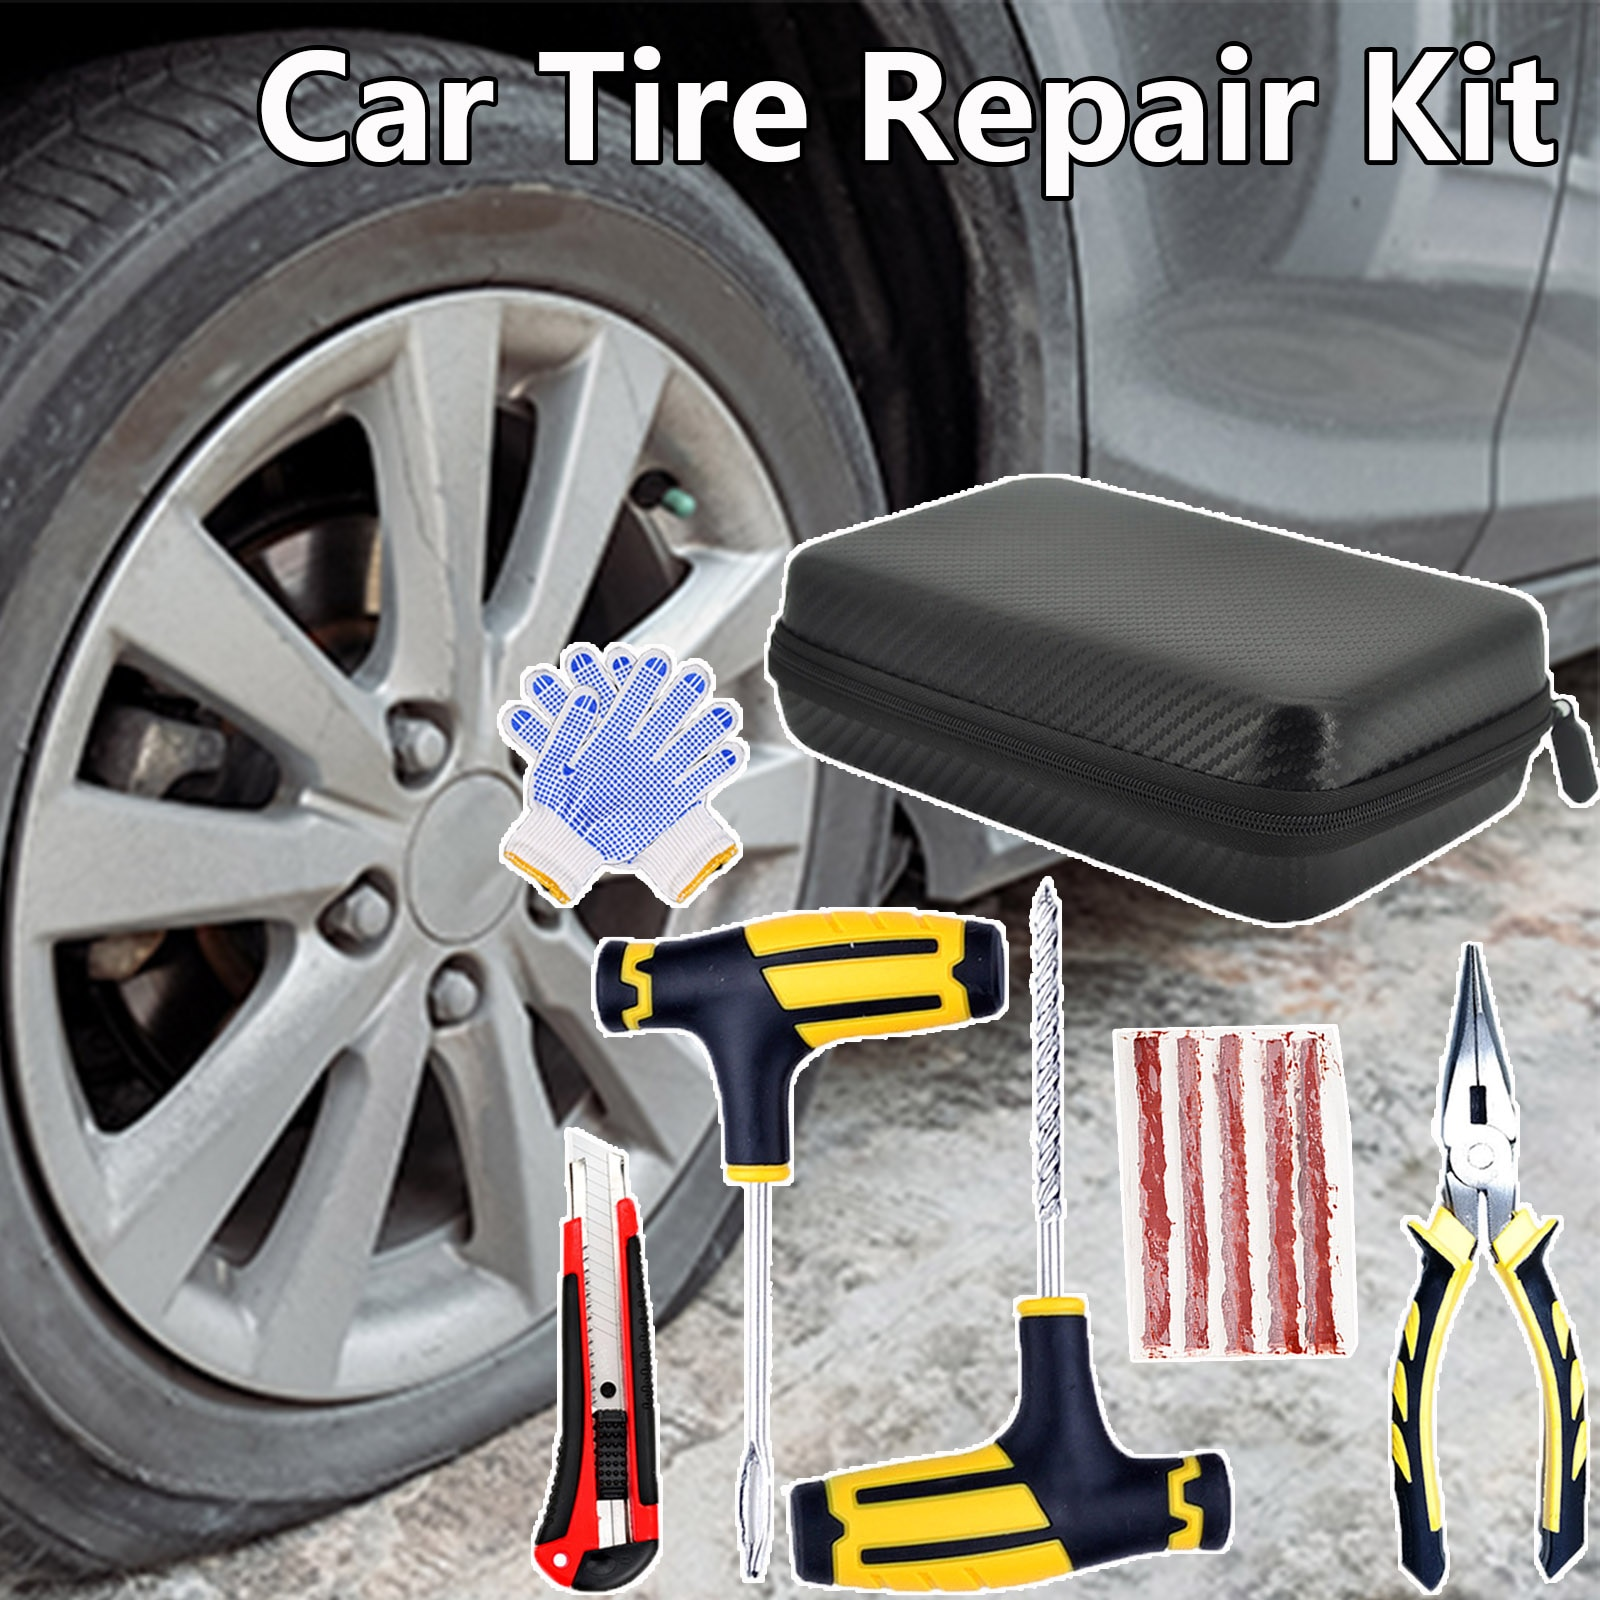 Набор инструментов для ремонта автомобильных шин, универсальный комплект инструментов из ЭВА для выкручивания автомобильных шин, игл, плос...